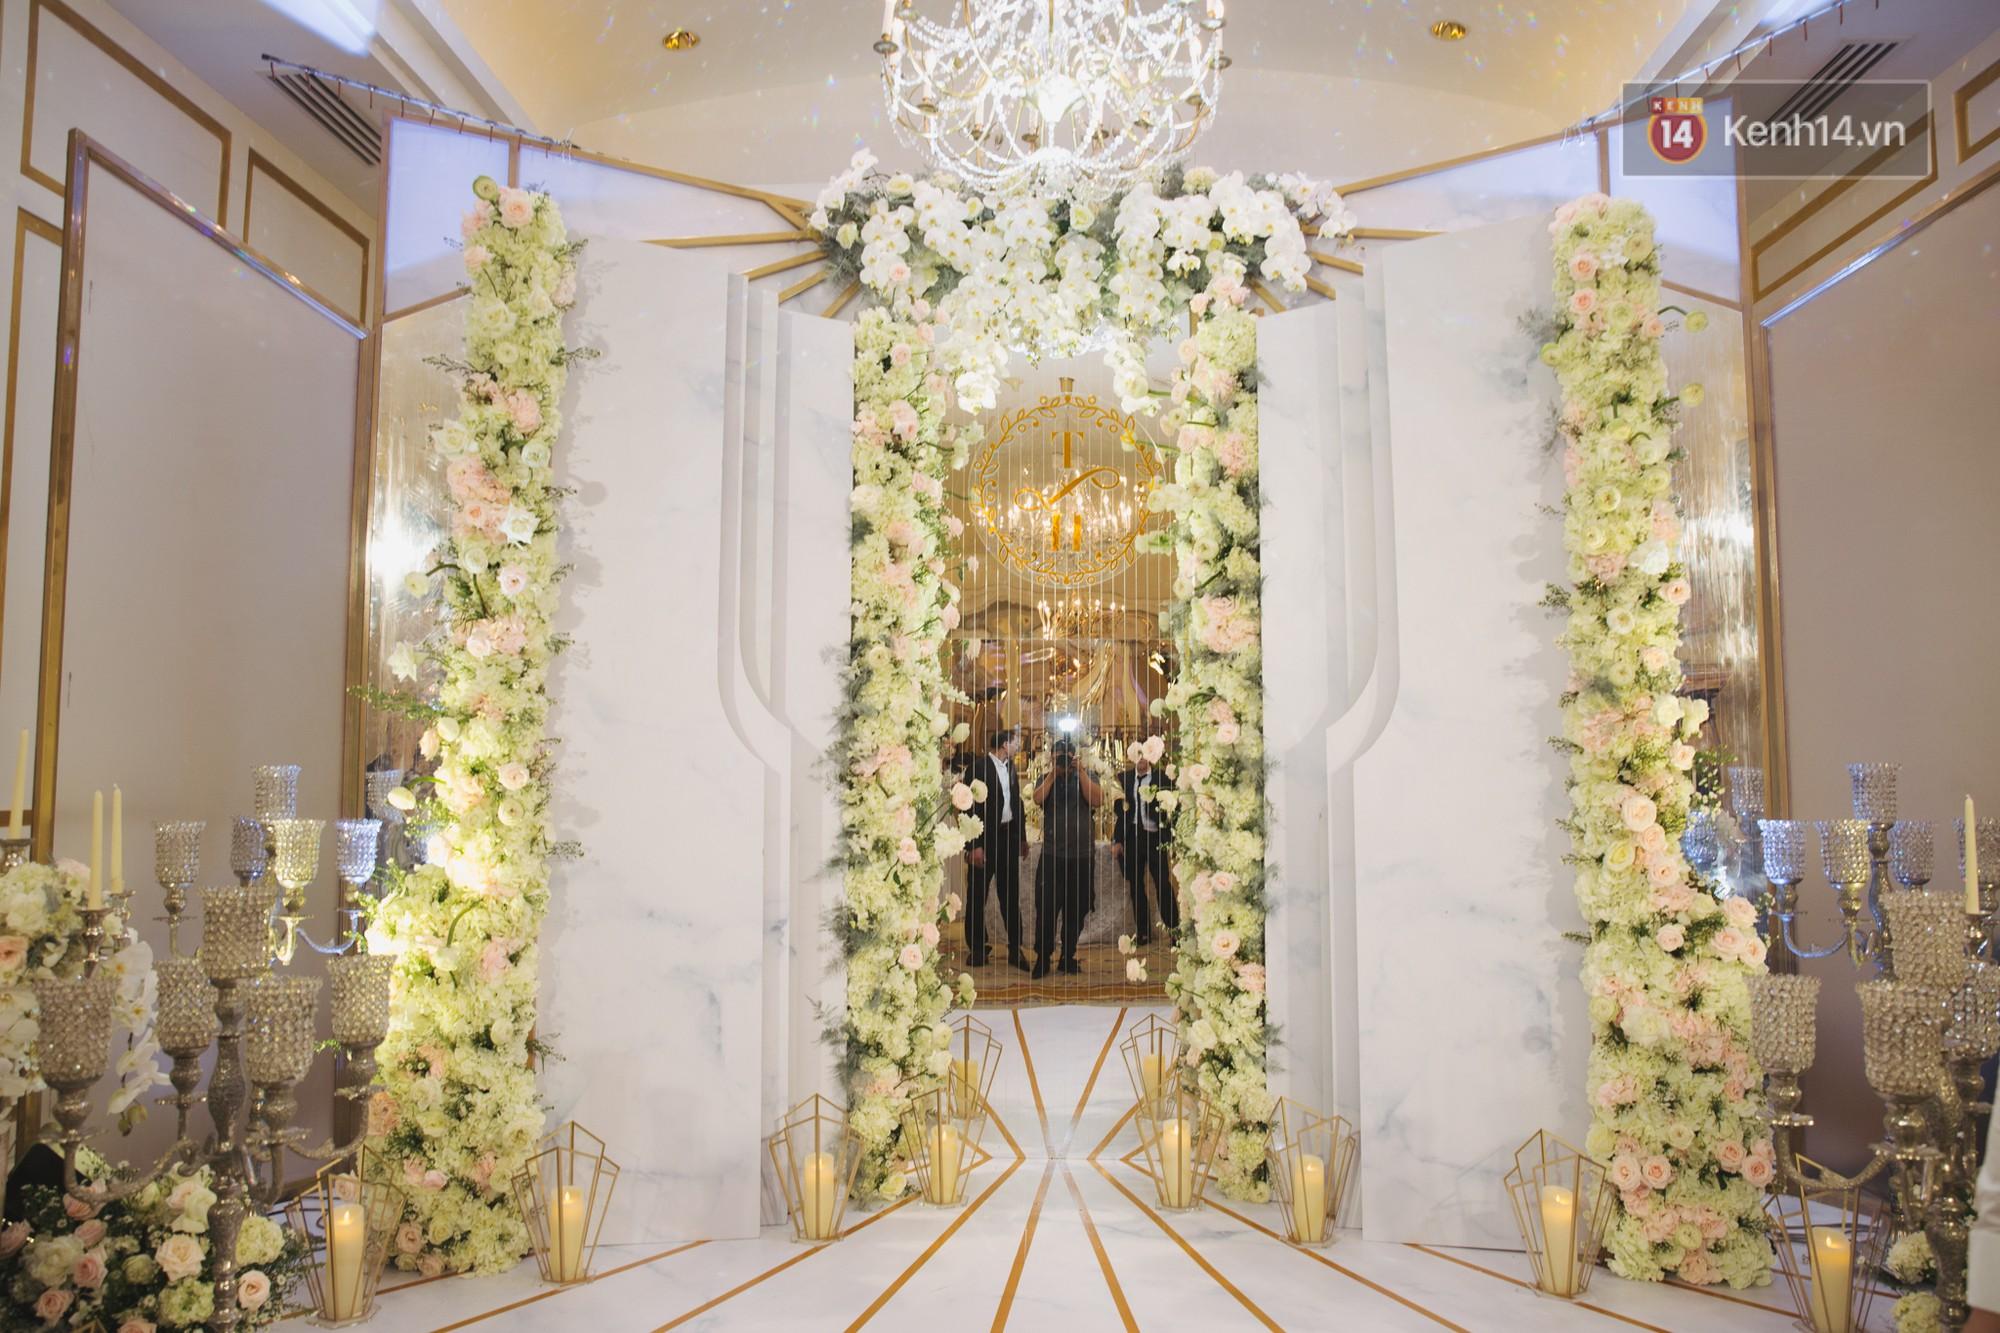 Hé lộ không gian cưới sang trọng của ca sĩ Lê Hiếu và bà xã Thu Trang - Ảnh 8.